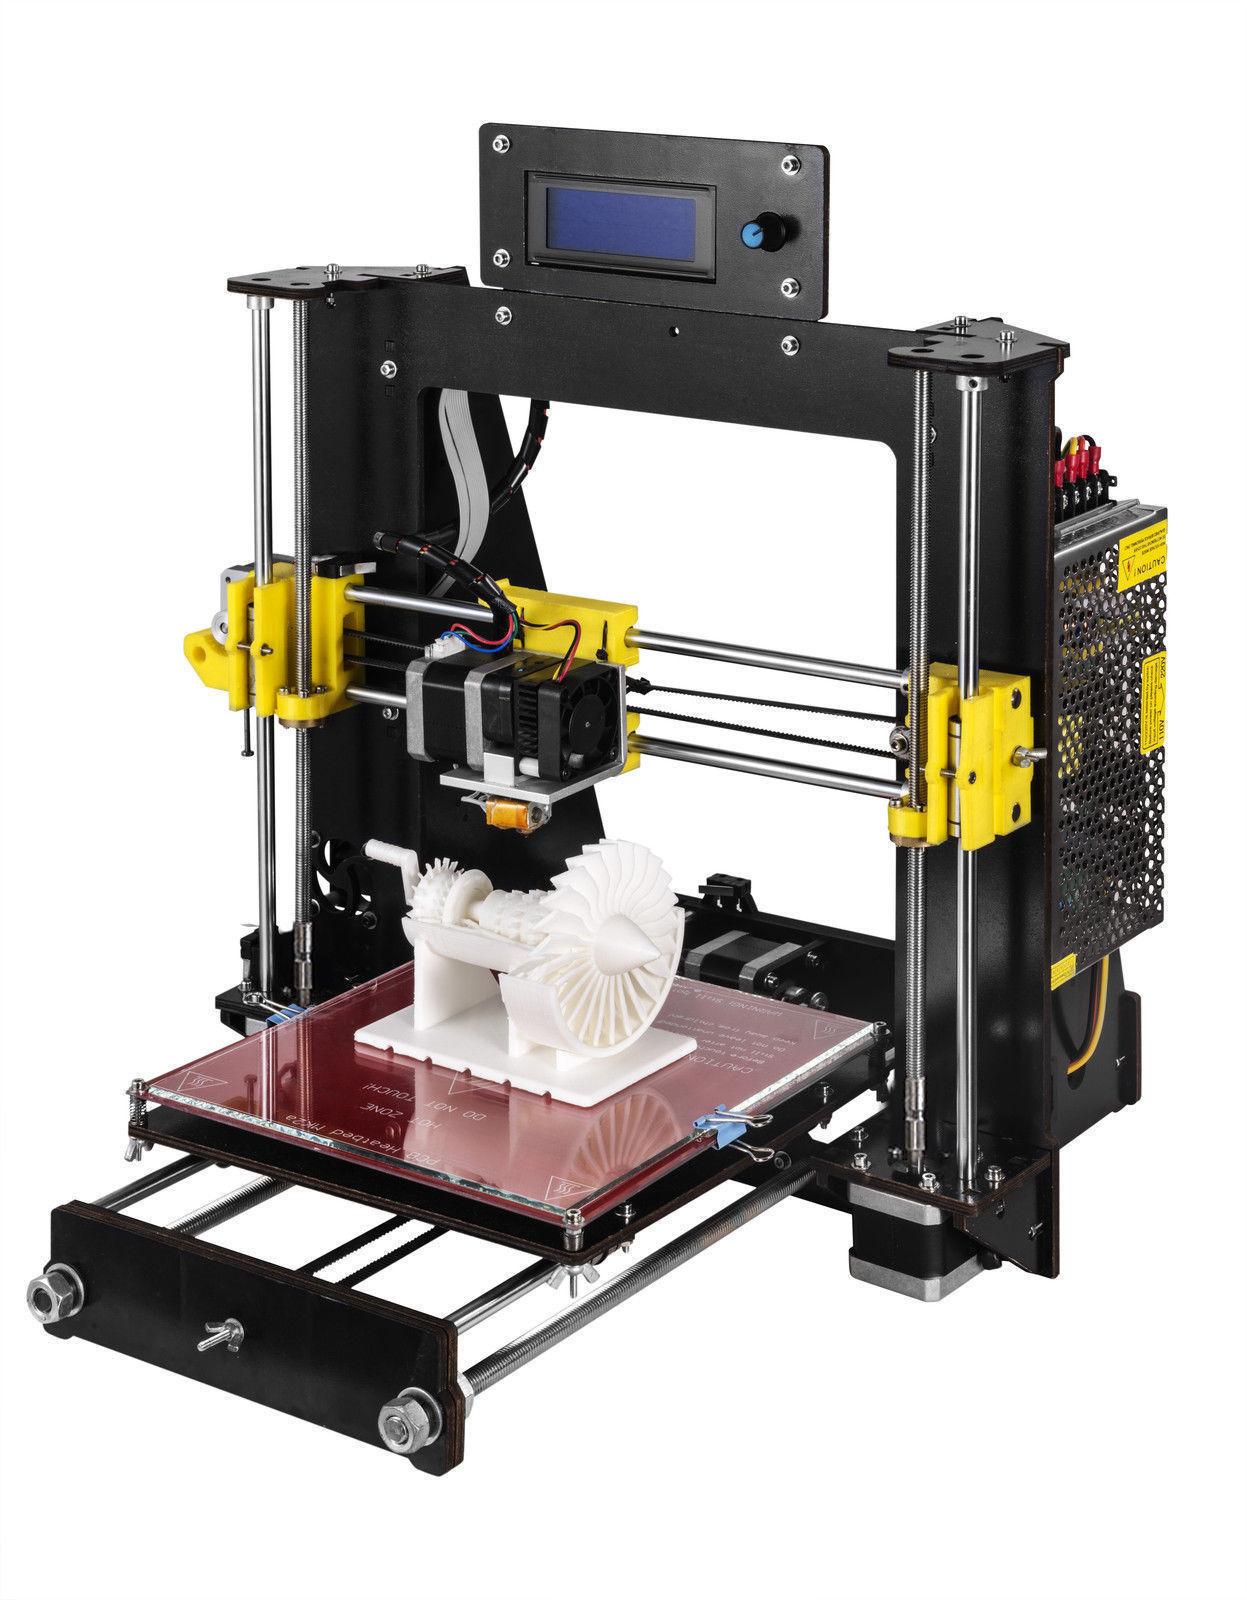 西通CTC DIY 3D打印机LED显示屏 教育大尺寸桌面型家用3D打印机儿童 DIY套件3D立体模型 PLA-ABS耗材 1年保修